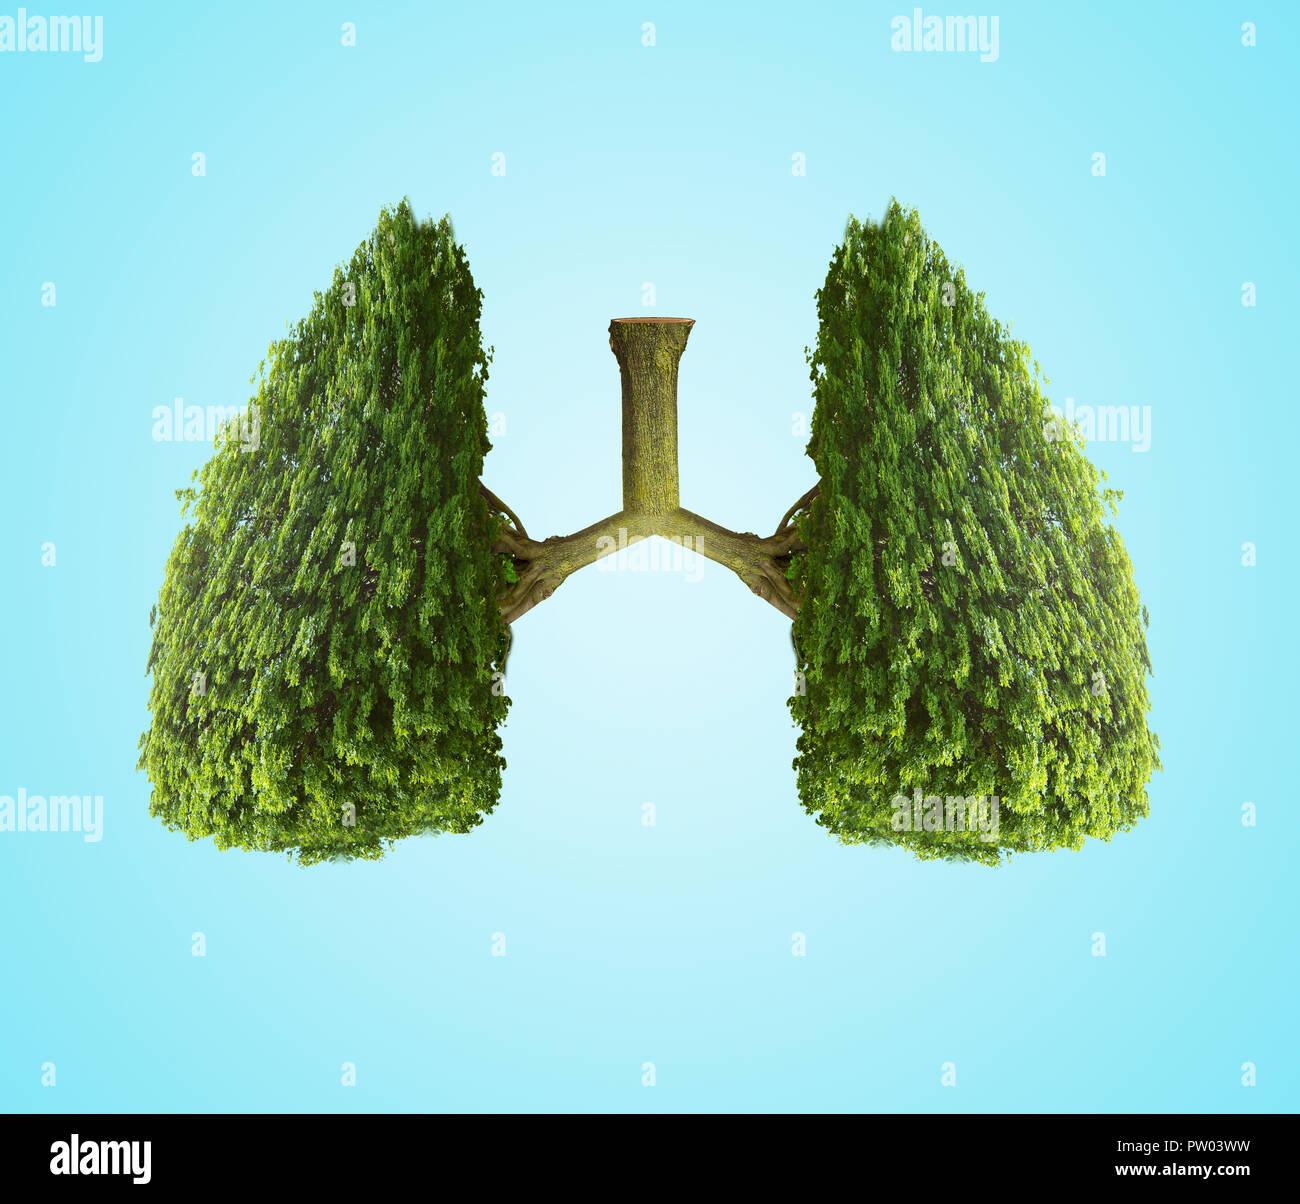 Konzept Zwei 2 Bäume ein paar Lungen, Luftqualität, Luftverschmutzung, Klimawandel, globale Warnung ähneln Stockbild